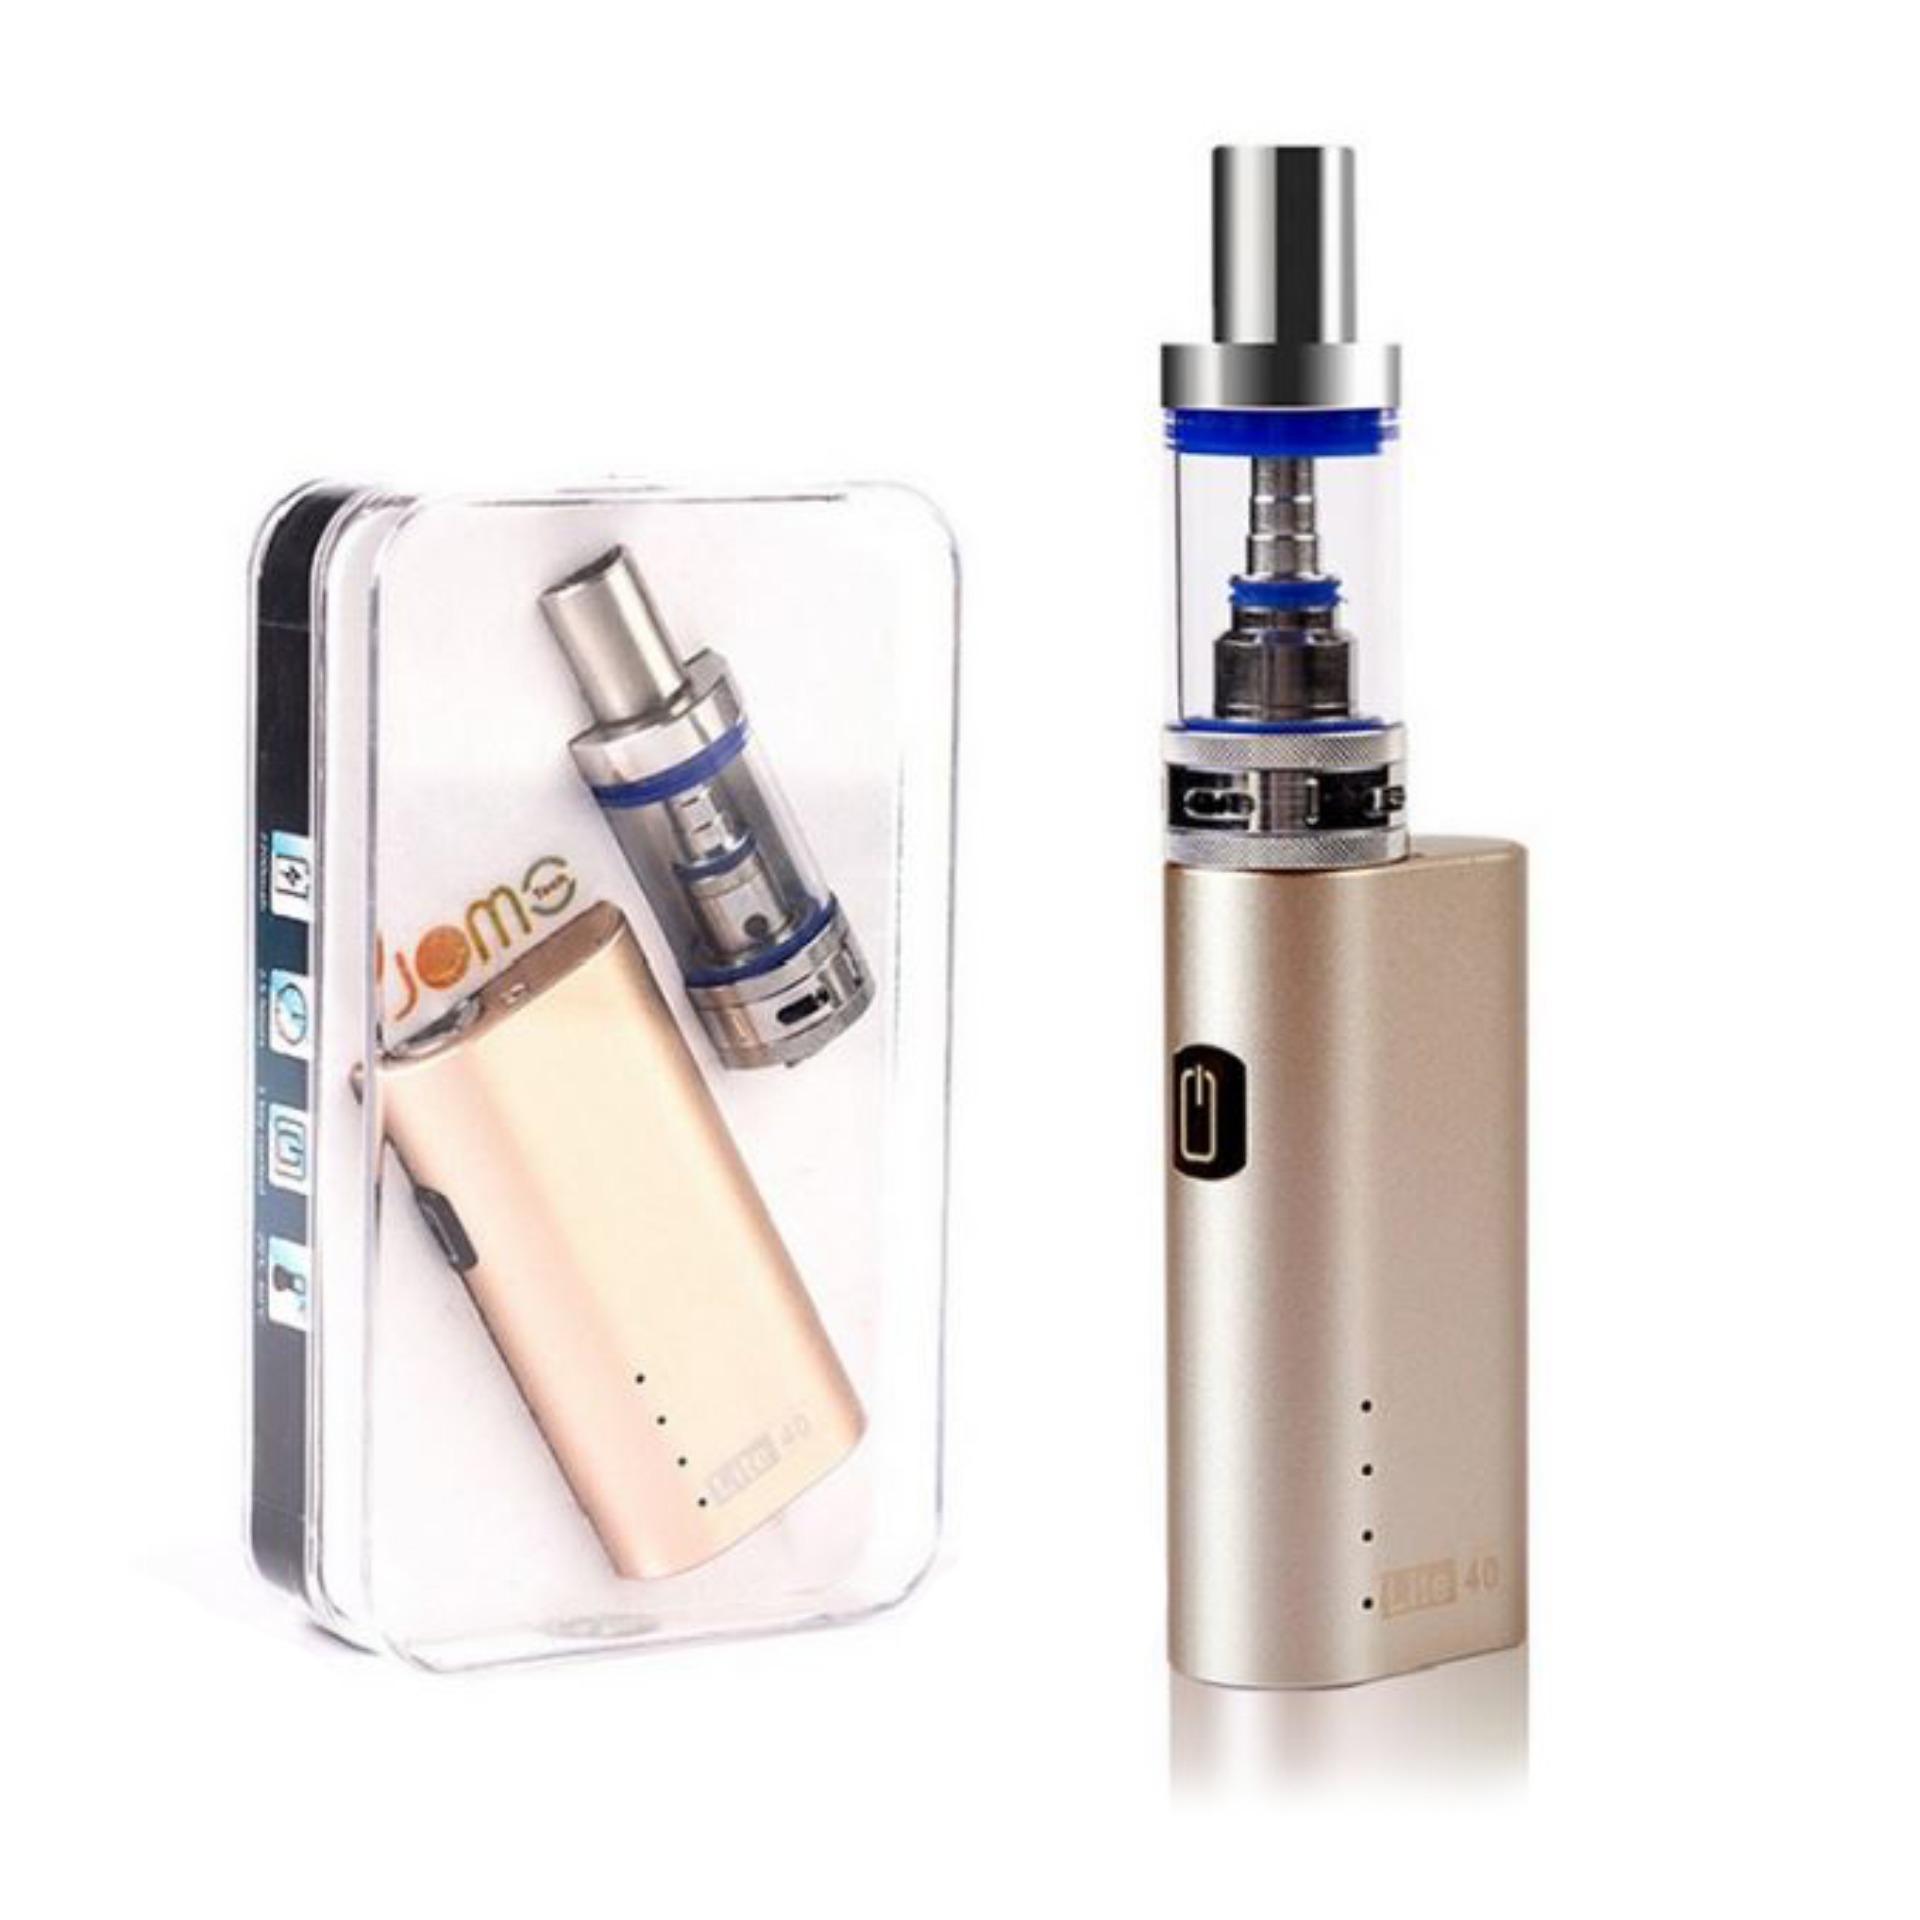 Vape kit Jomo Lite 40w – Bộ sản phẩm chất lượng giá rẻ 2018